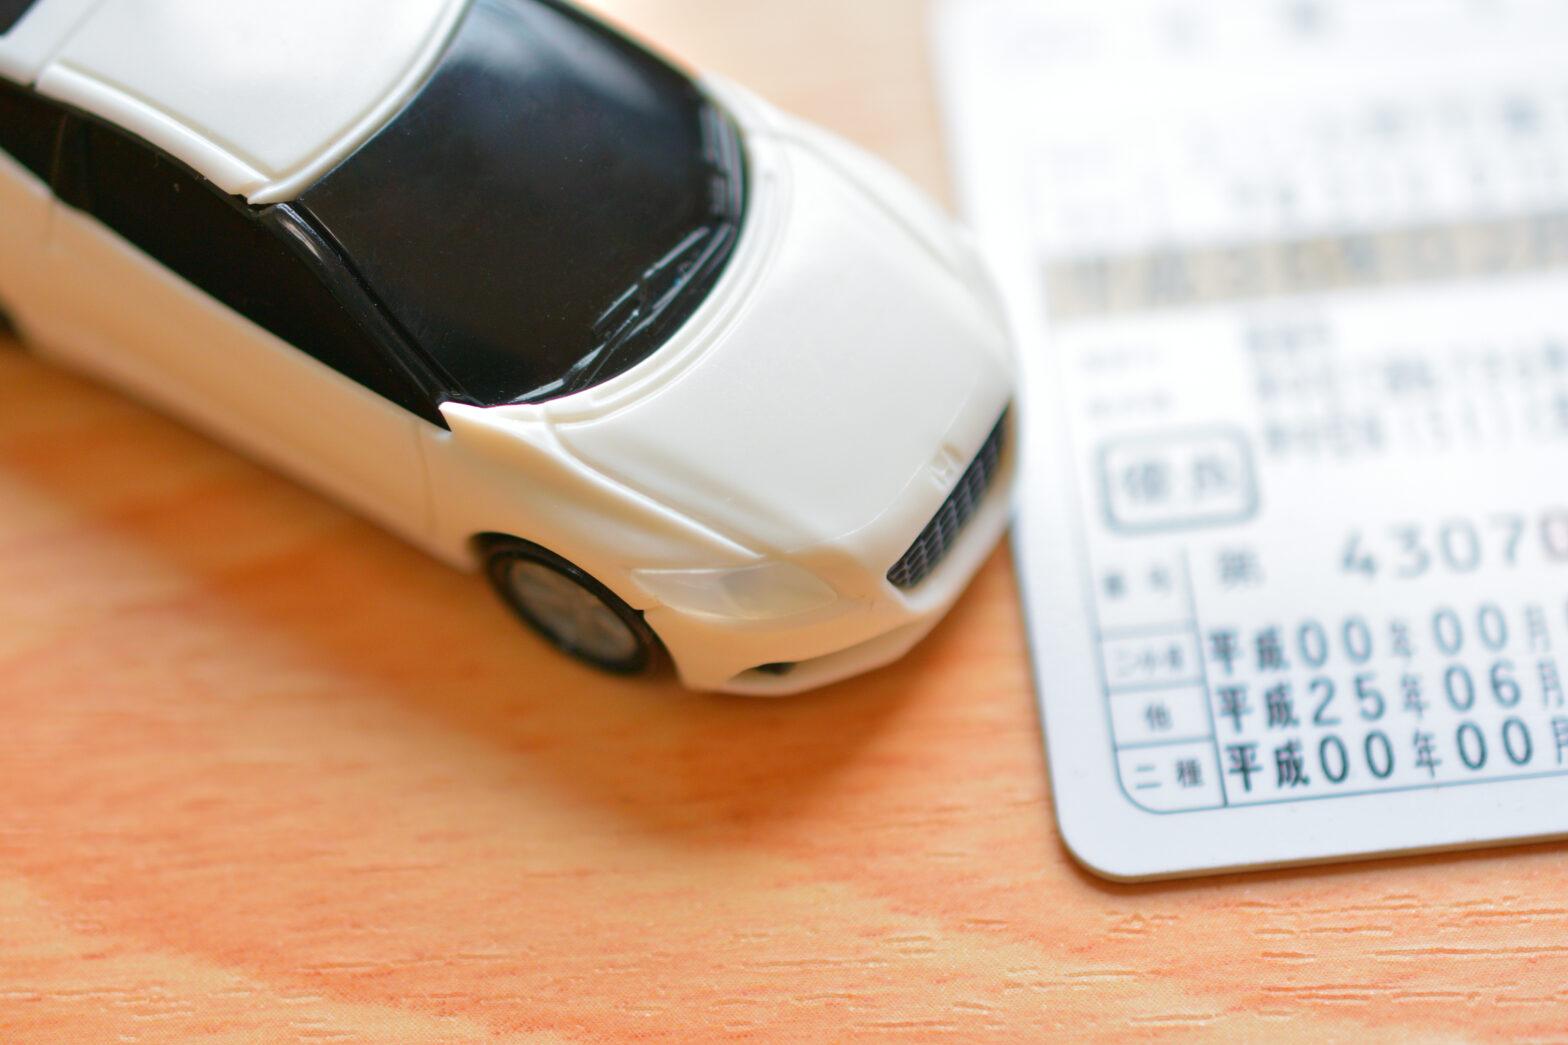 【運転免許証の紛失・き損 再発行マニュアル】方法・流れ・料金・期間は?|運転免許Q&A